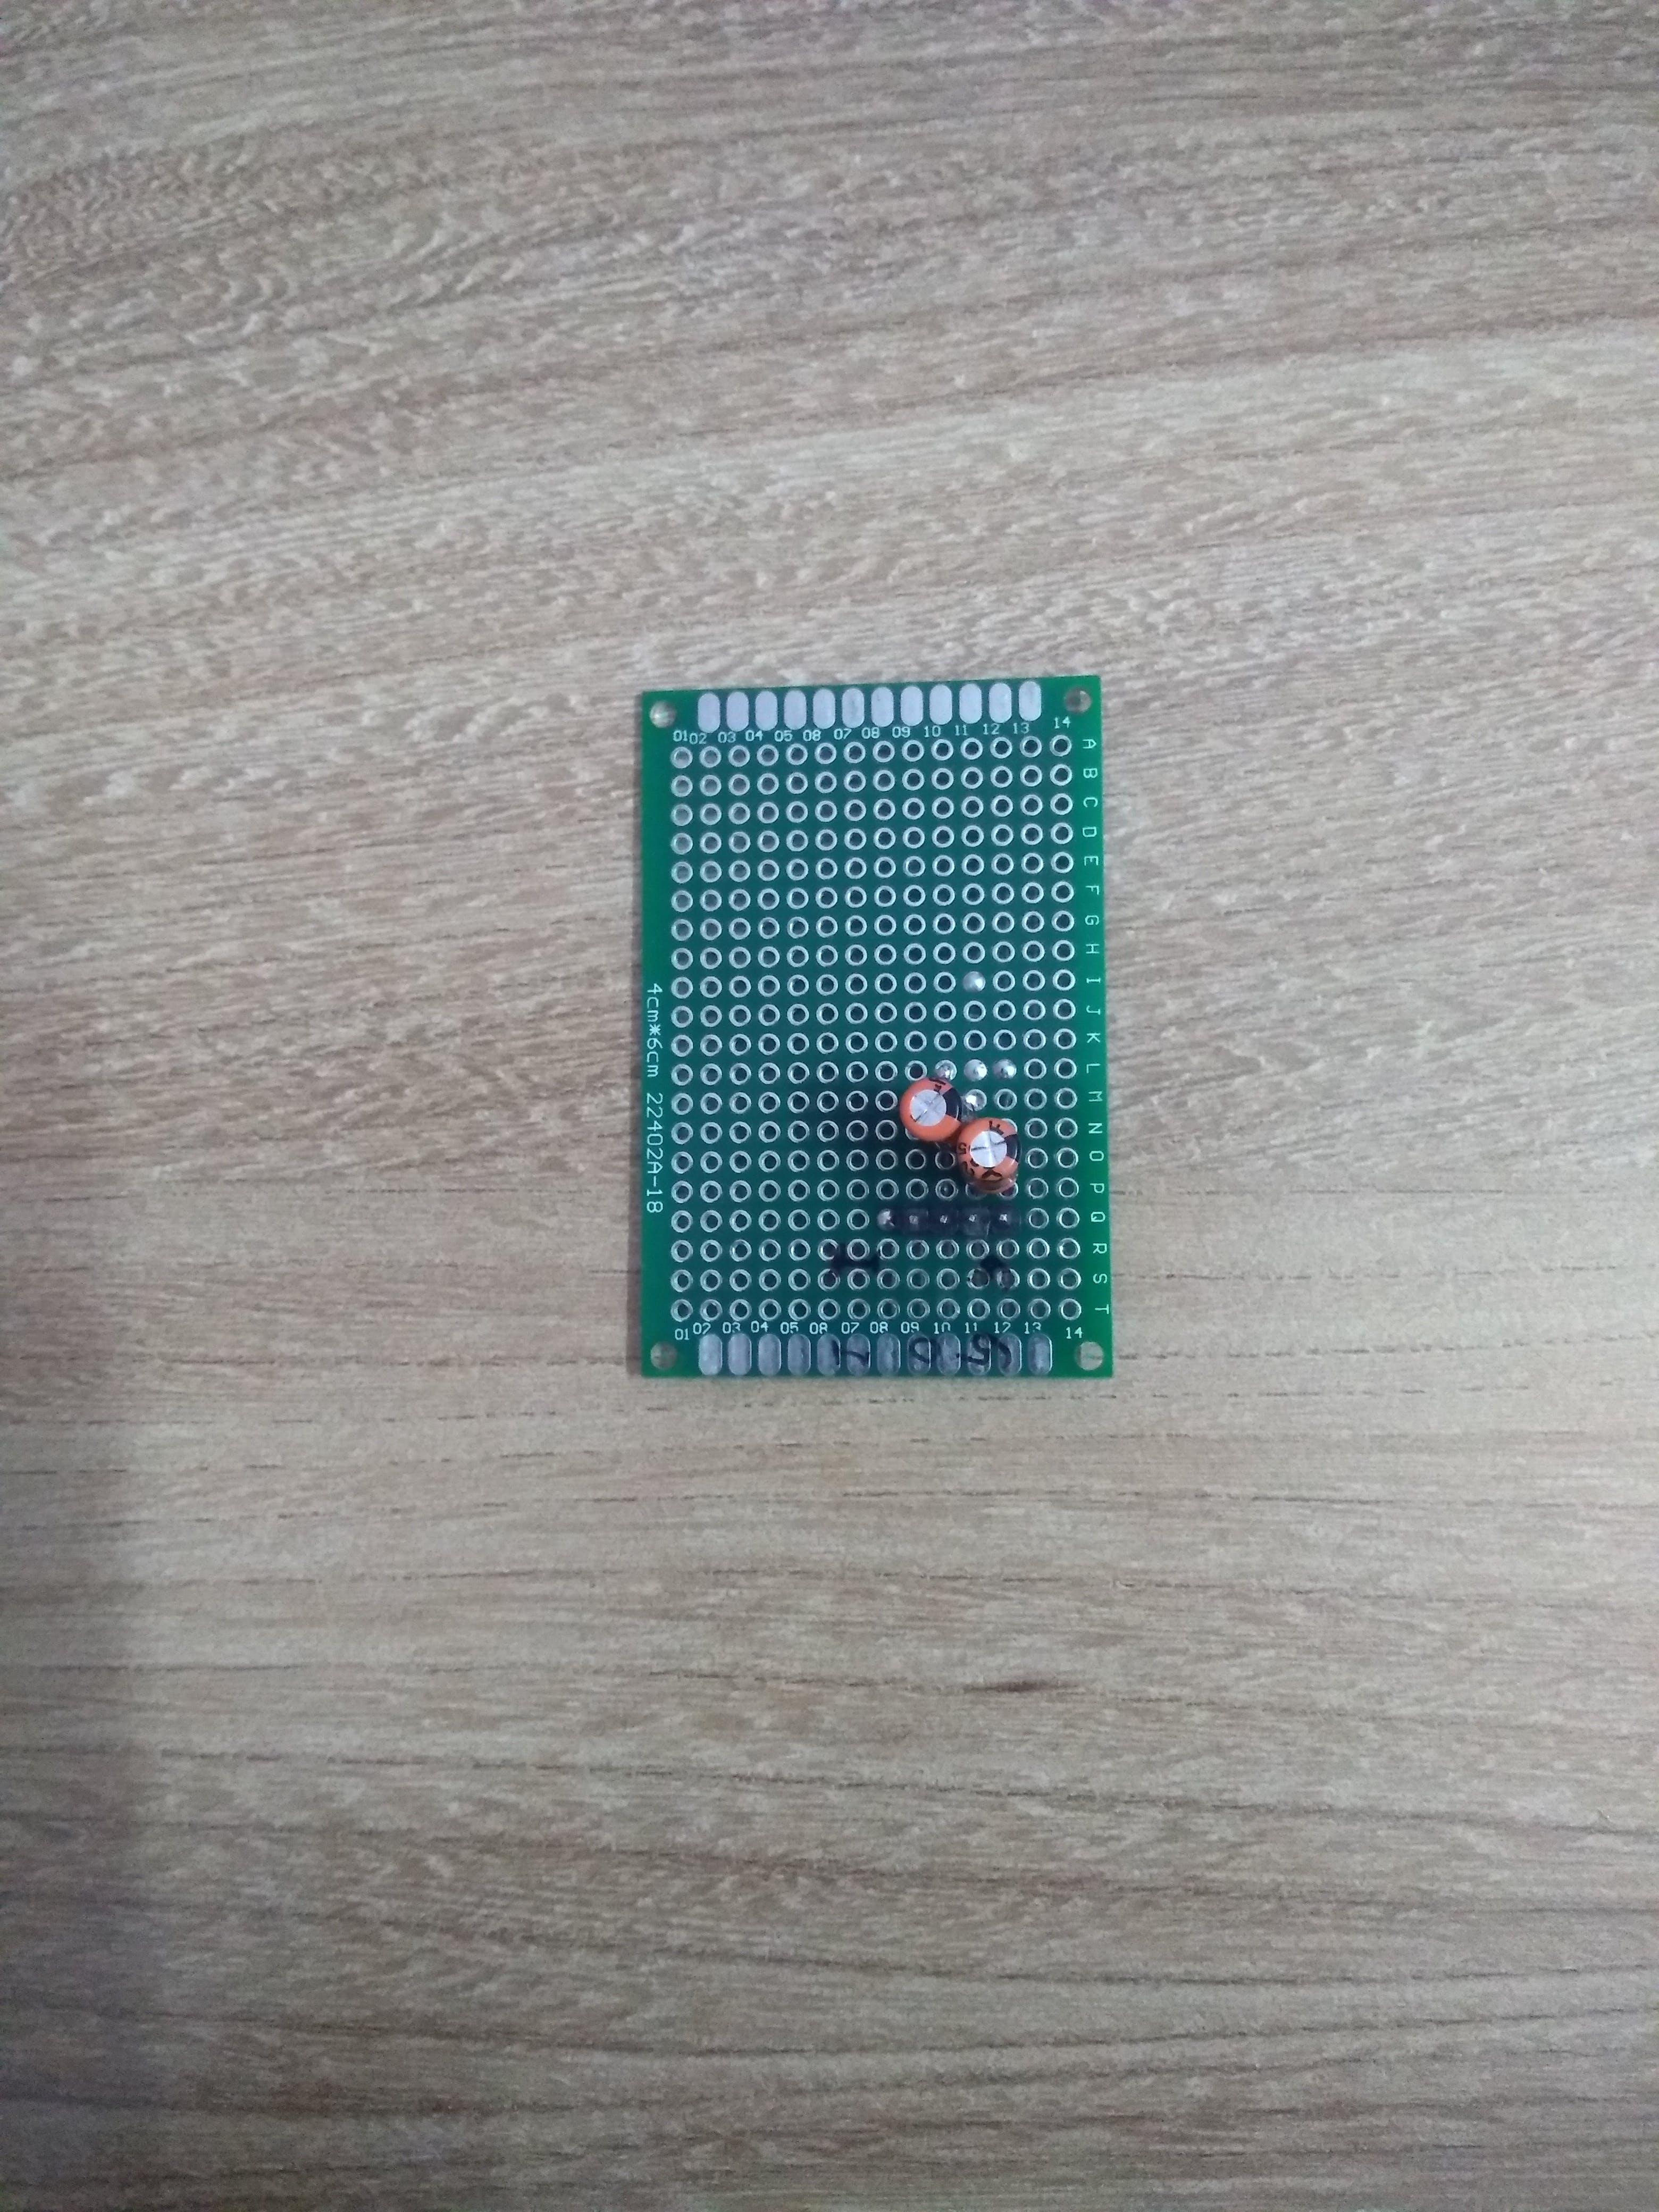 3.3V Regulator